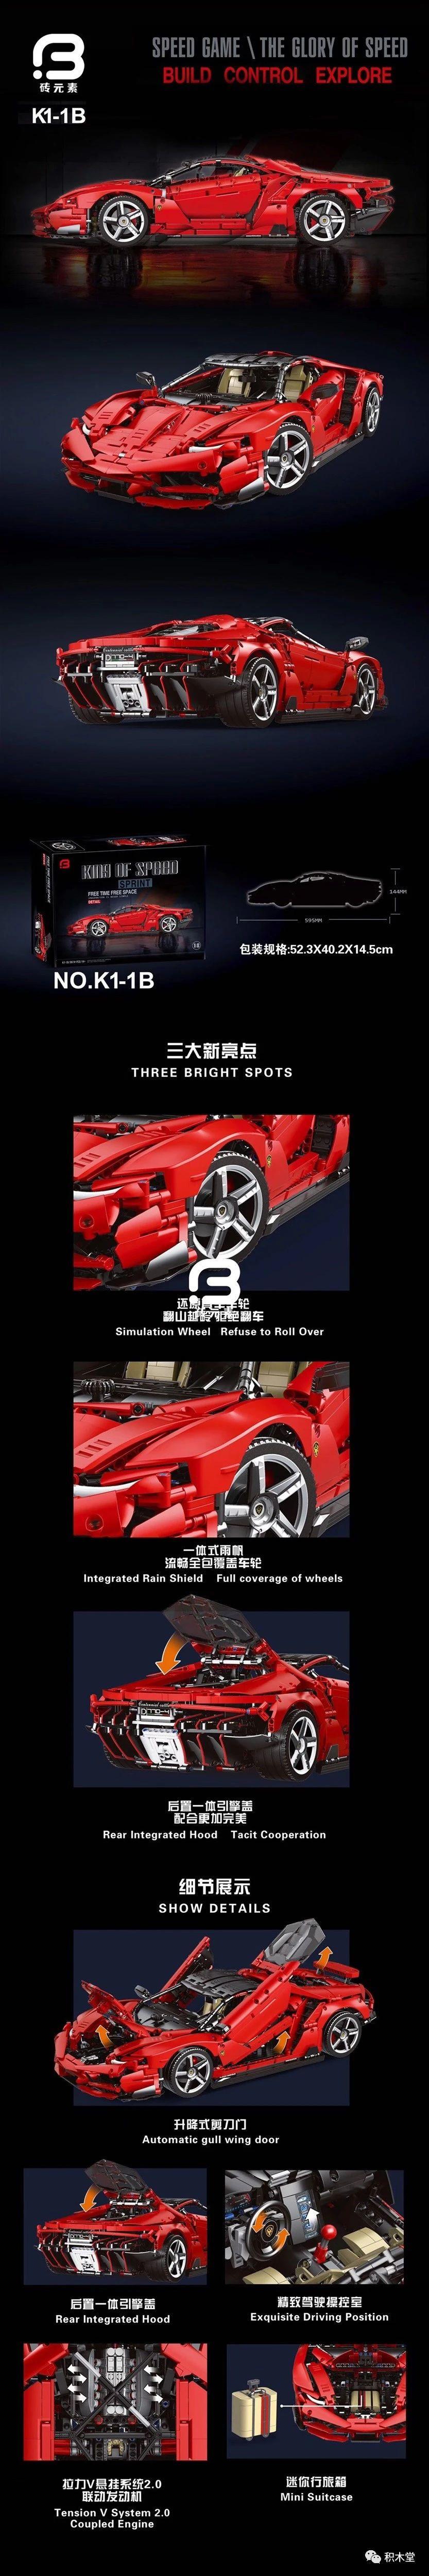 DoubleE / CADA D012 Lamborghini Centenario 1:8 hypercar 20